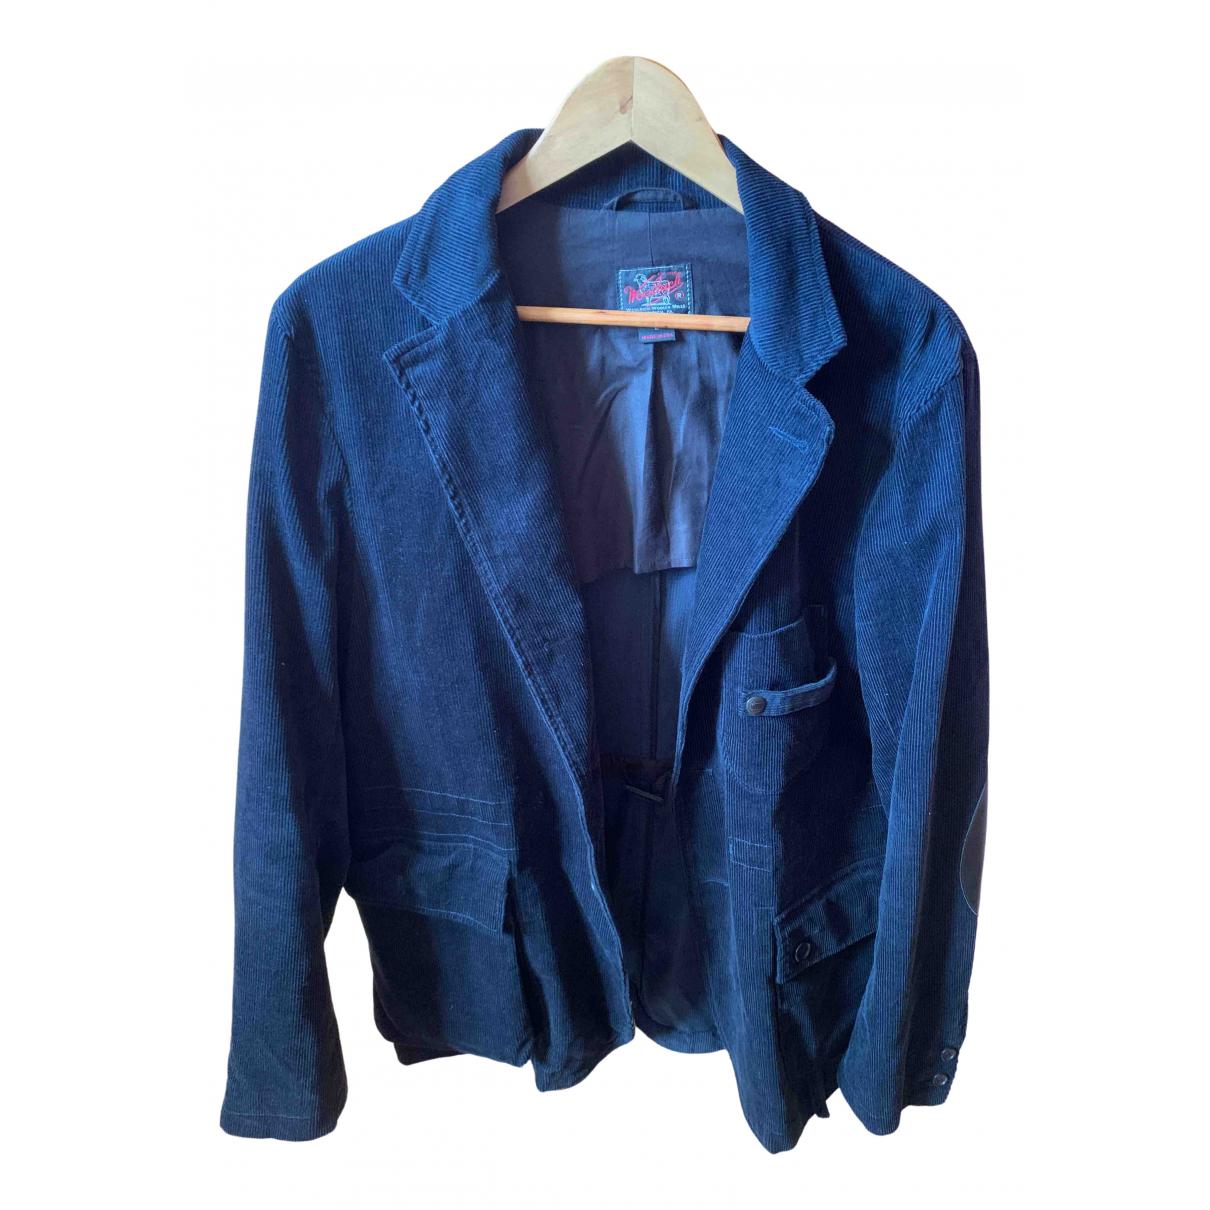 Woolrich - Vestes.Blousons   pour homme en coton - bleu